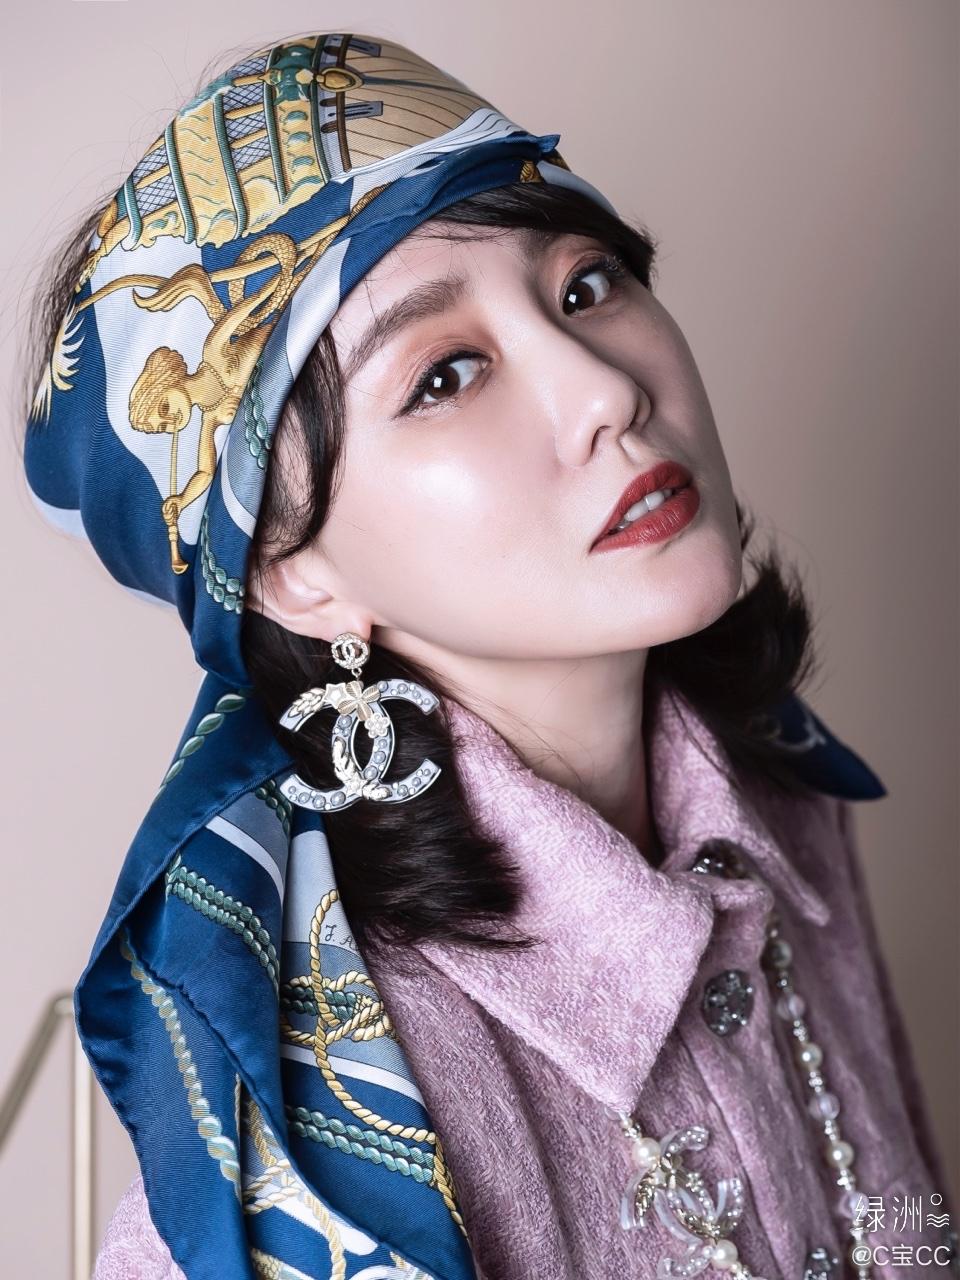 新入的香奈儿外套搭配hermes vintage丝巾把丝巾当头巾是我超爱的一